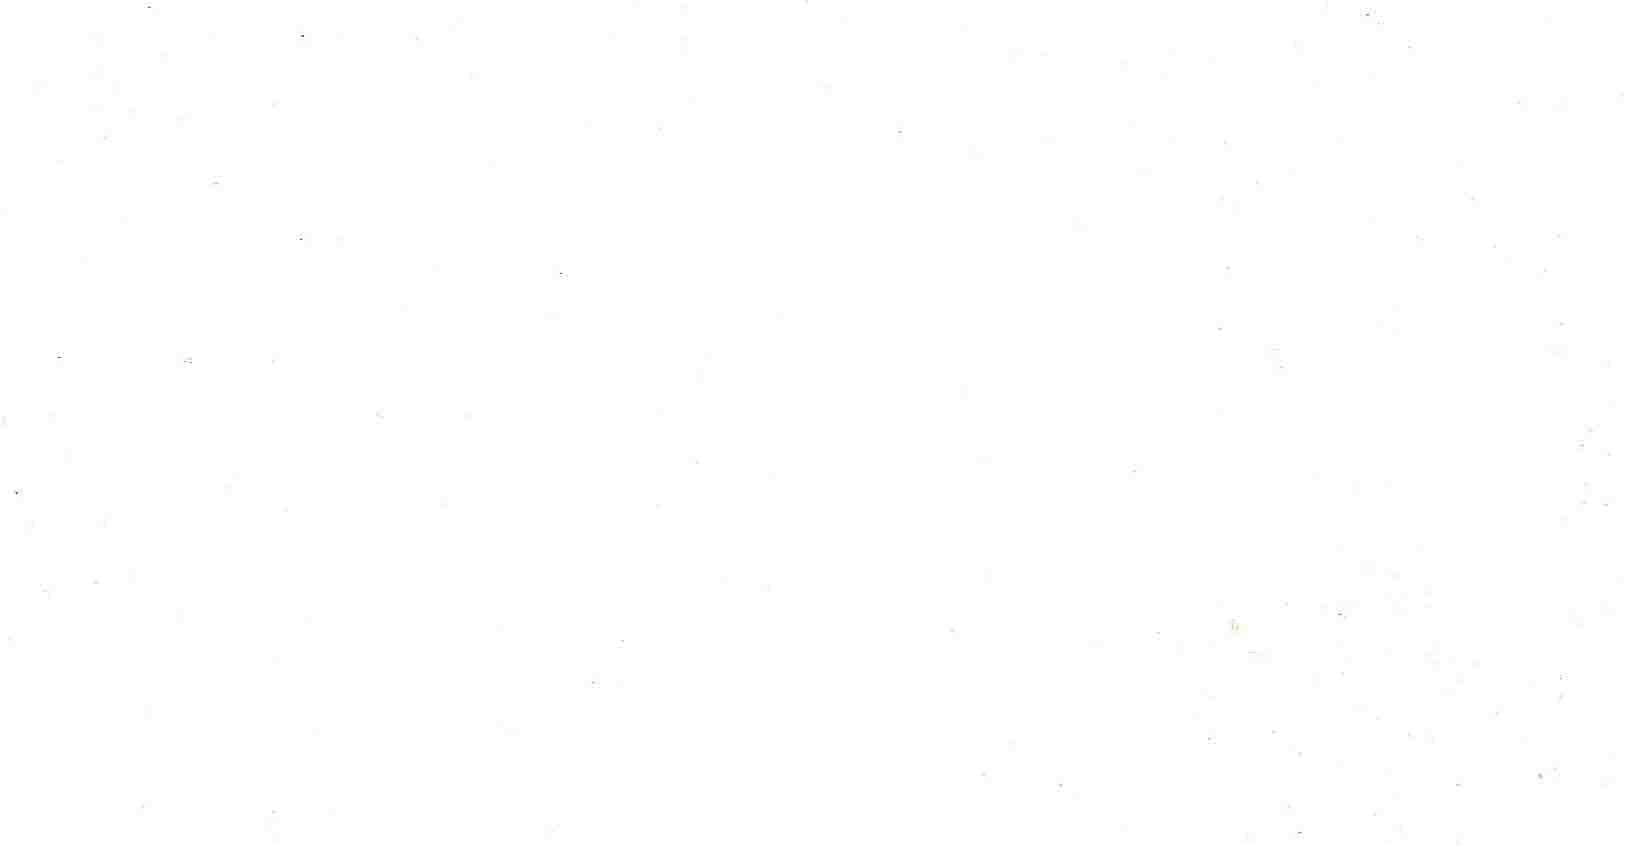 1625 x 846 jpeg 26kBBlanco